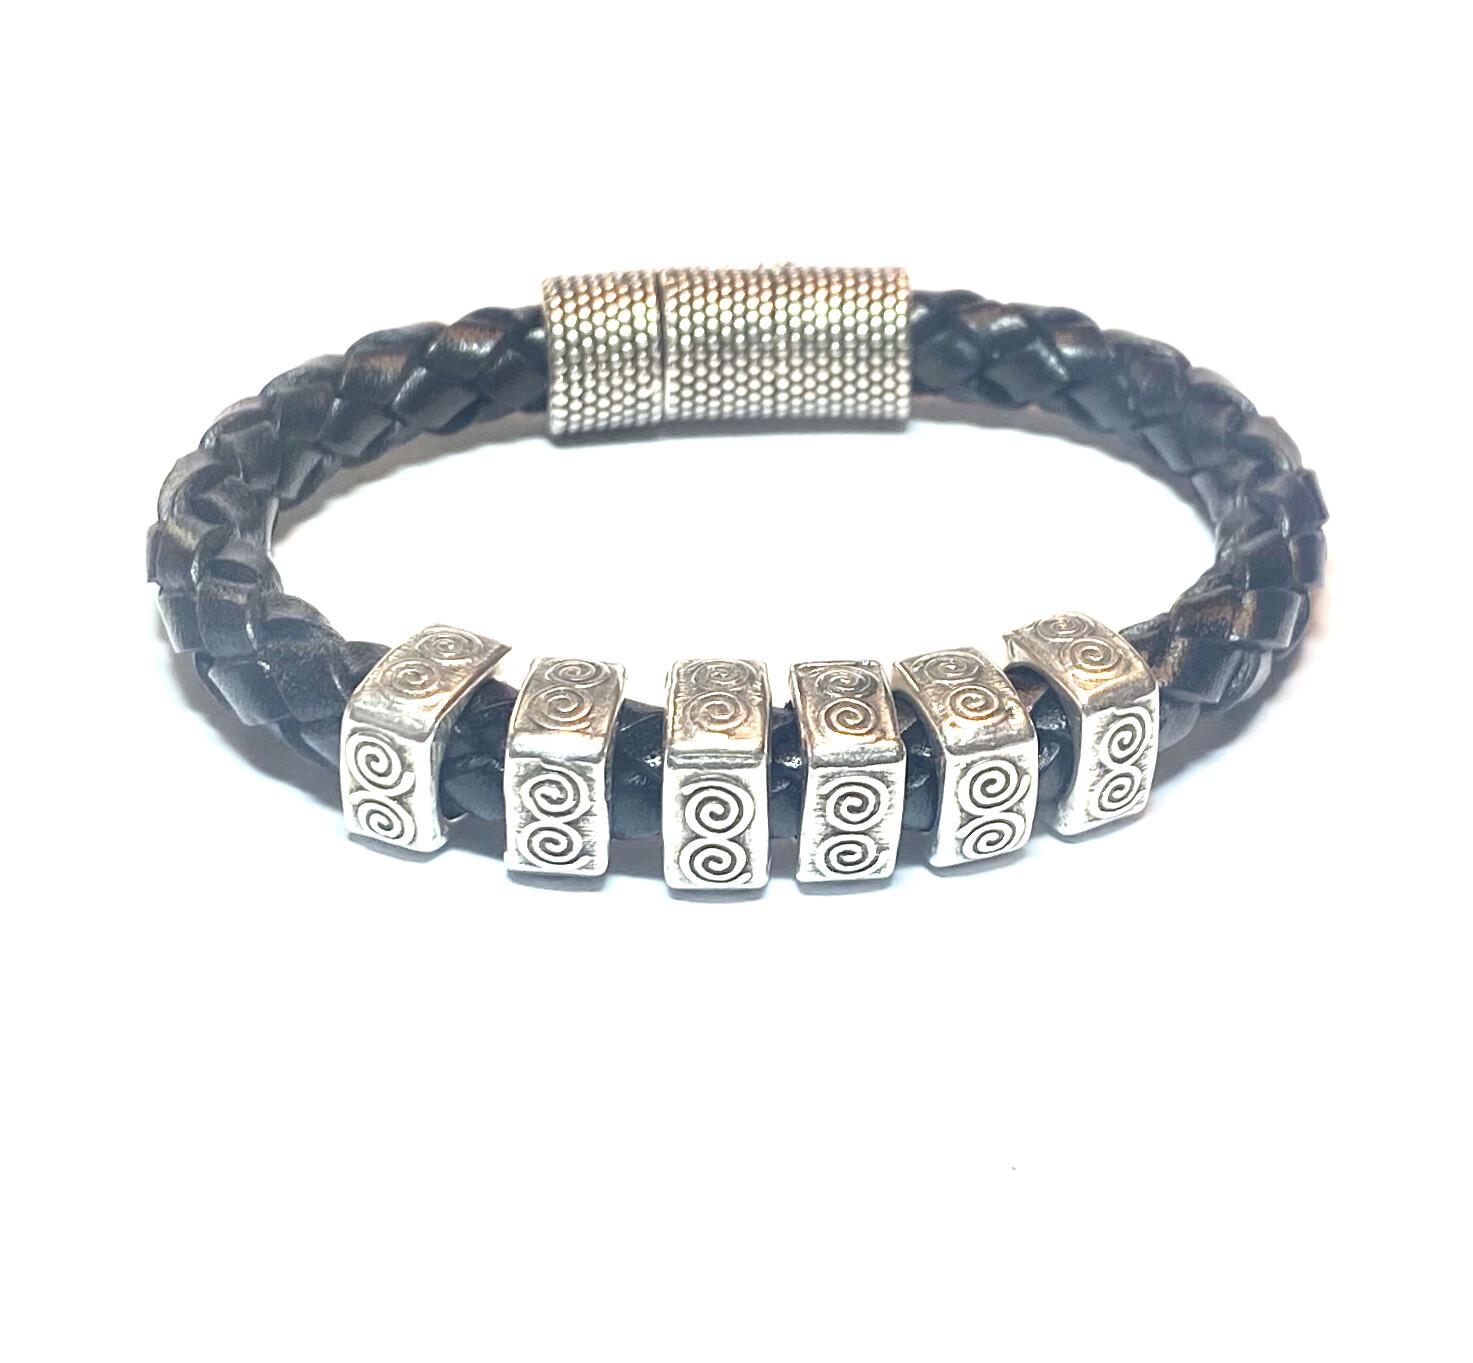 Bracelet | Men's Black Rope Style